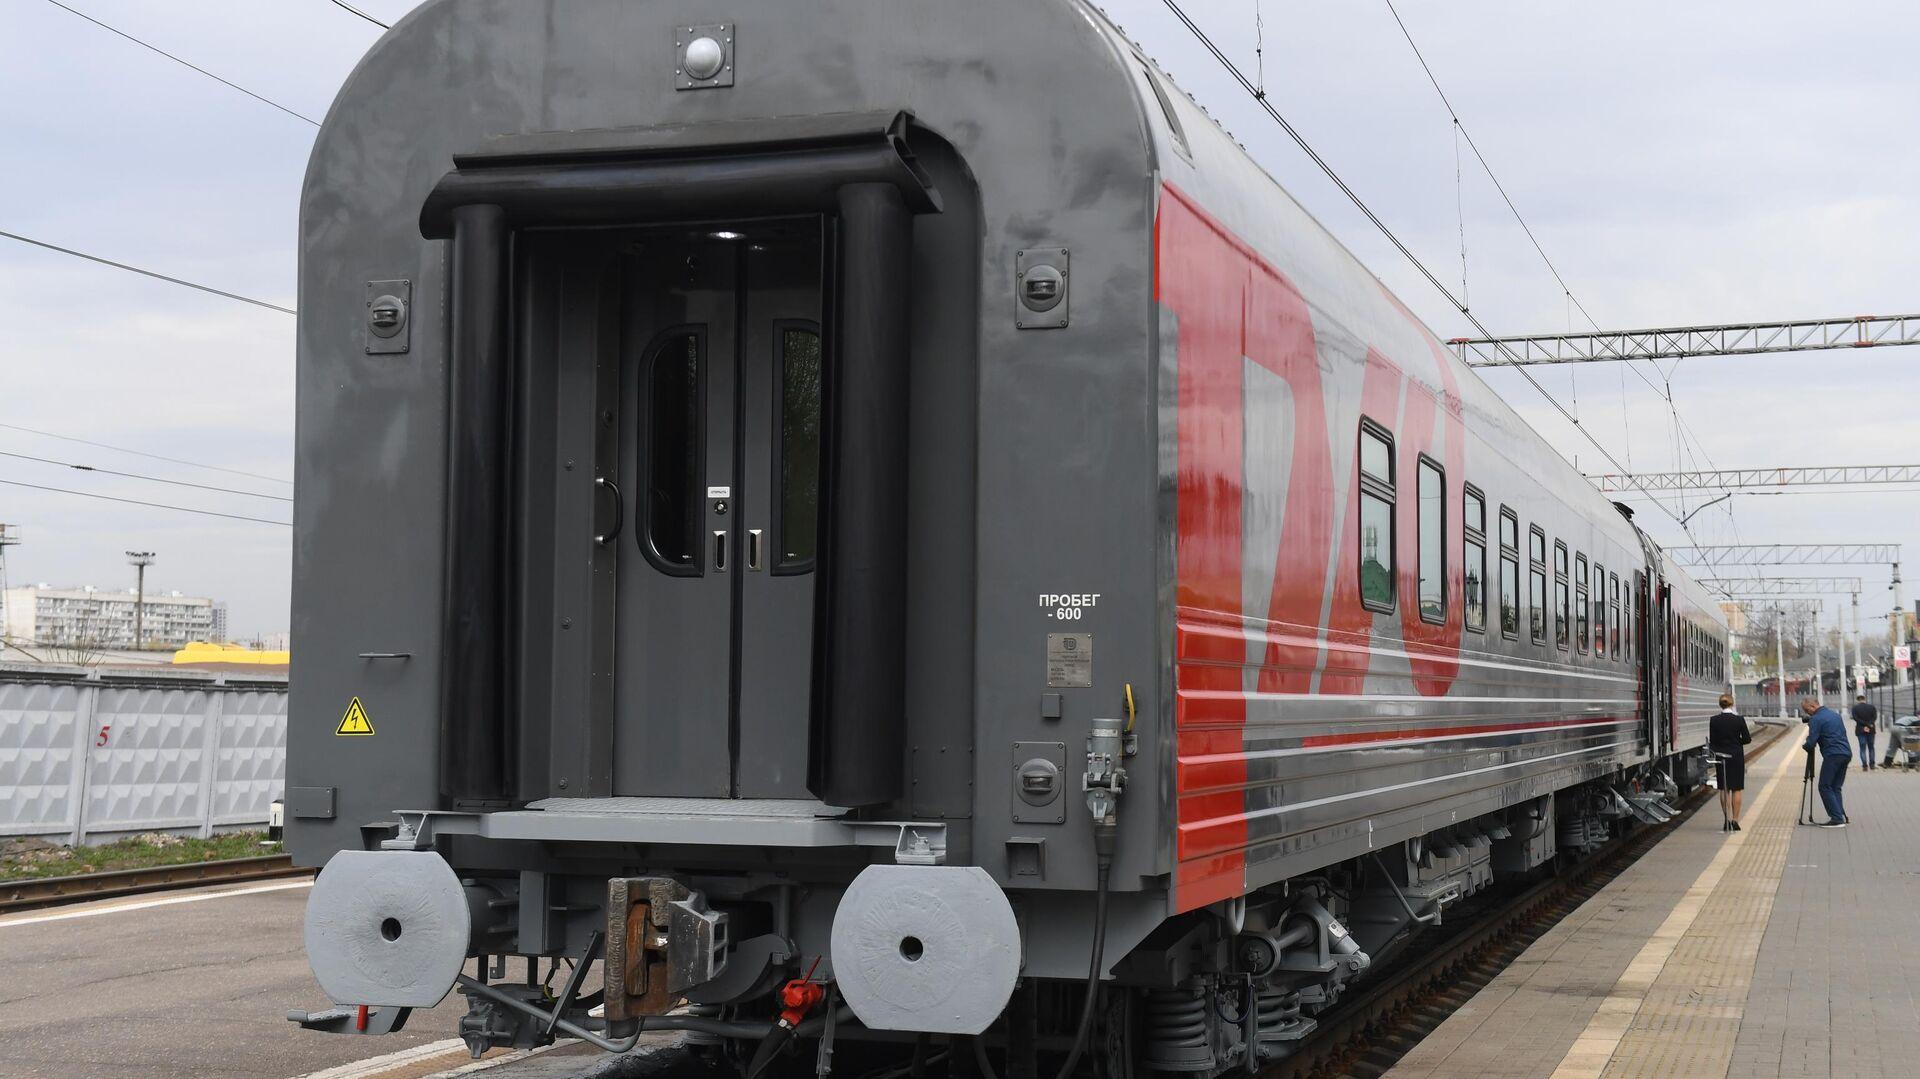 РЖД проведет расследование инцидента с детьми в поезде Мурманск-Адлер